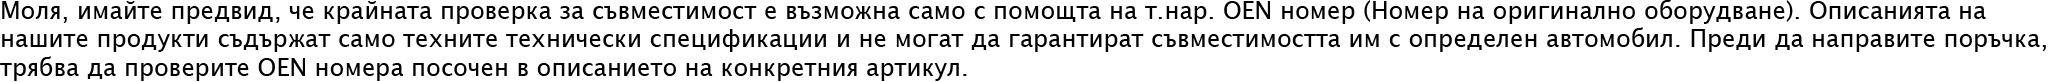 FEBI BILSTEIN 431 601 139 A, 443 601 139 A, 443 601 139 C, 8D0 601 139 A, 8D0 601 139 D Болт на колелото